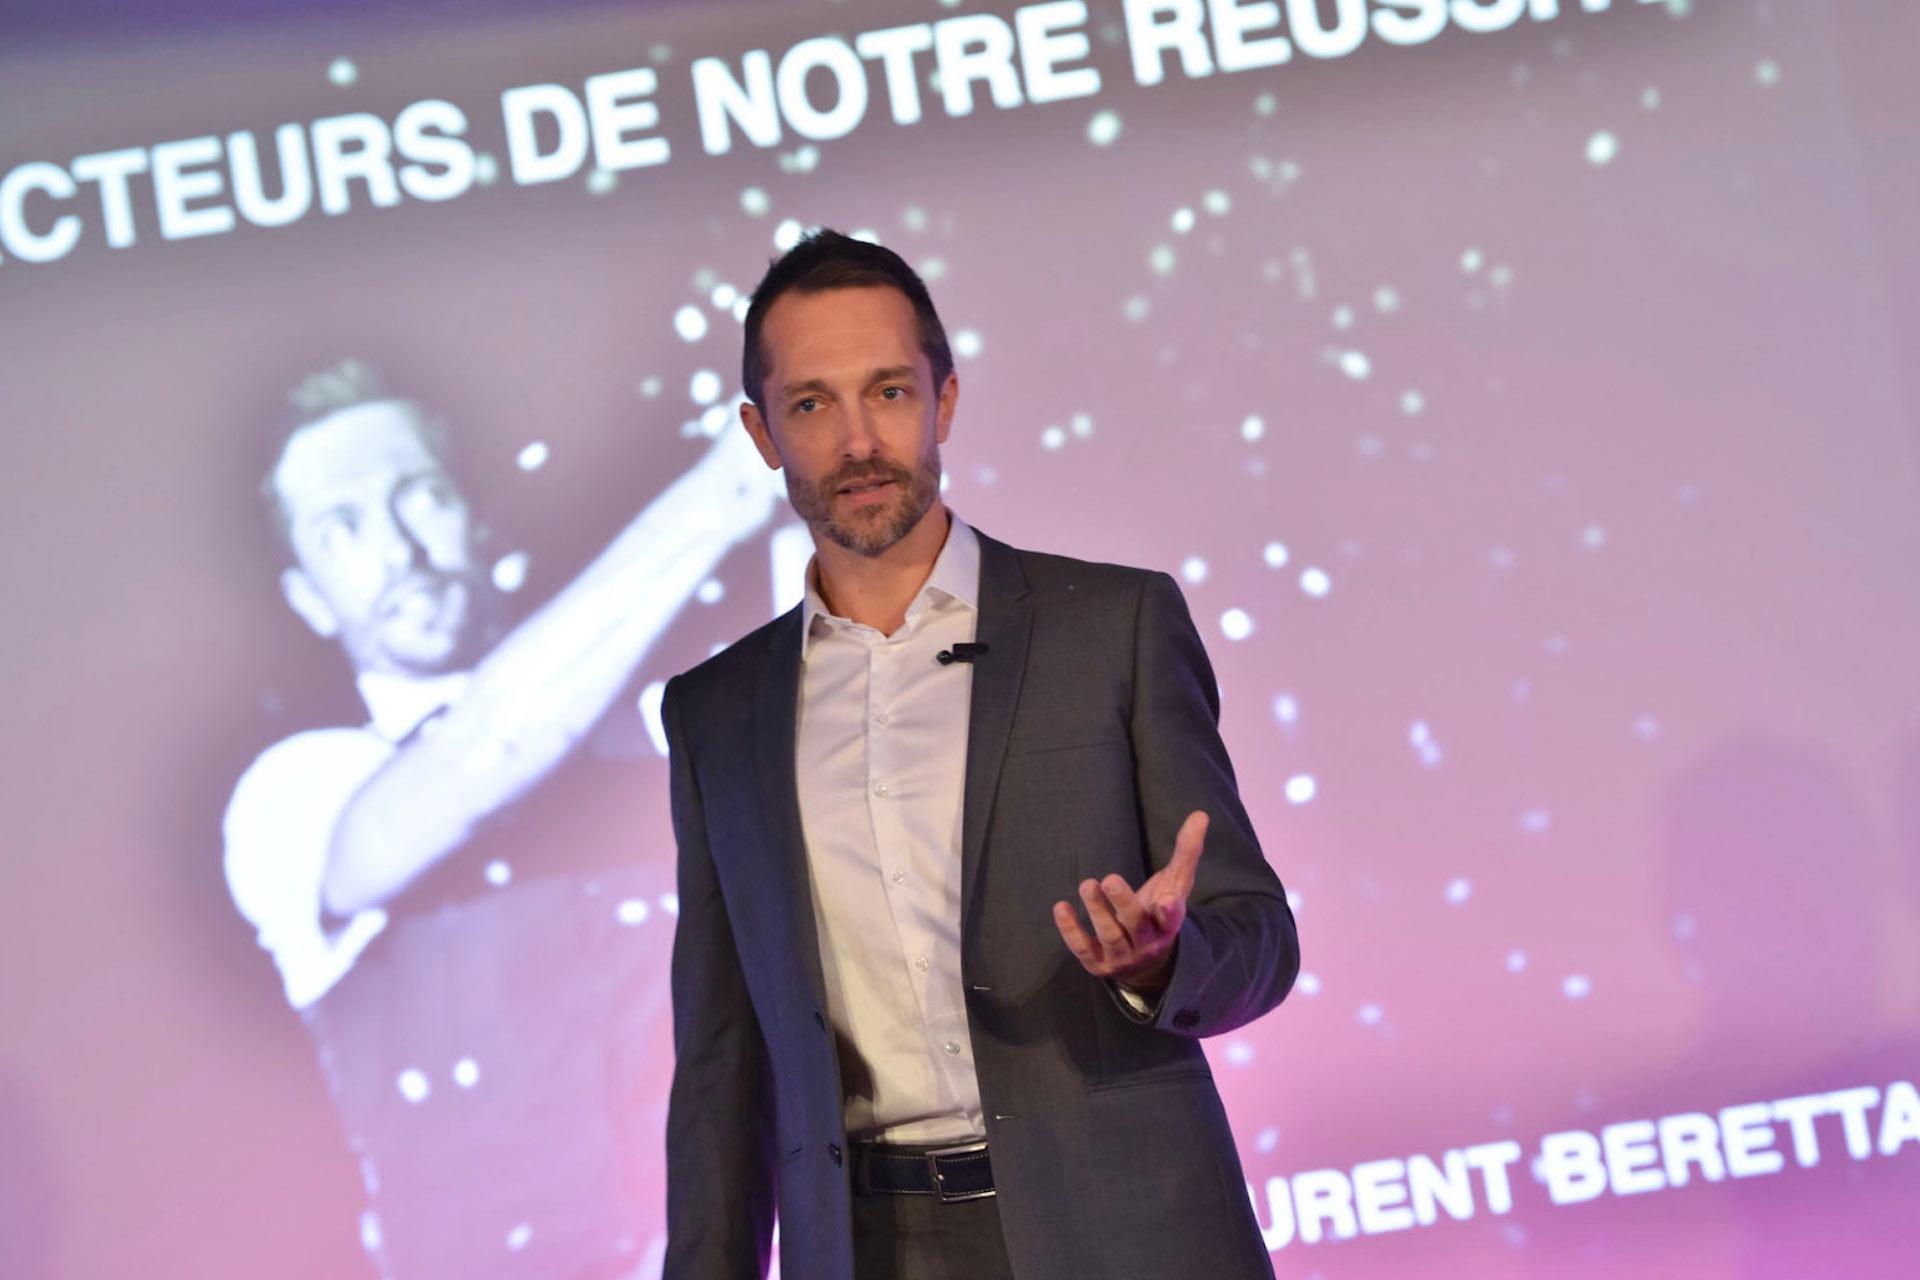 Laurent Beretta Conférencier, Expert de l'Expérience Client